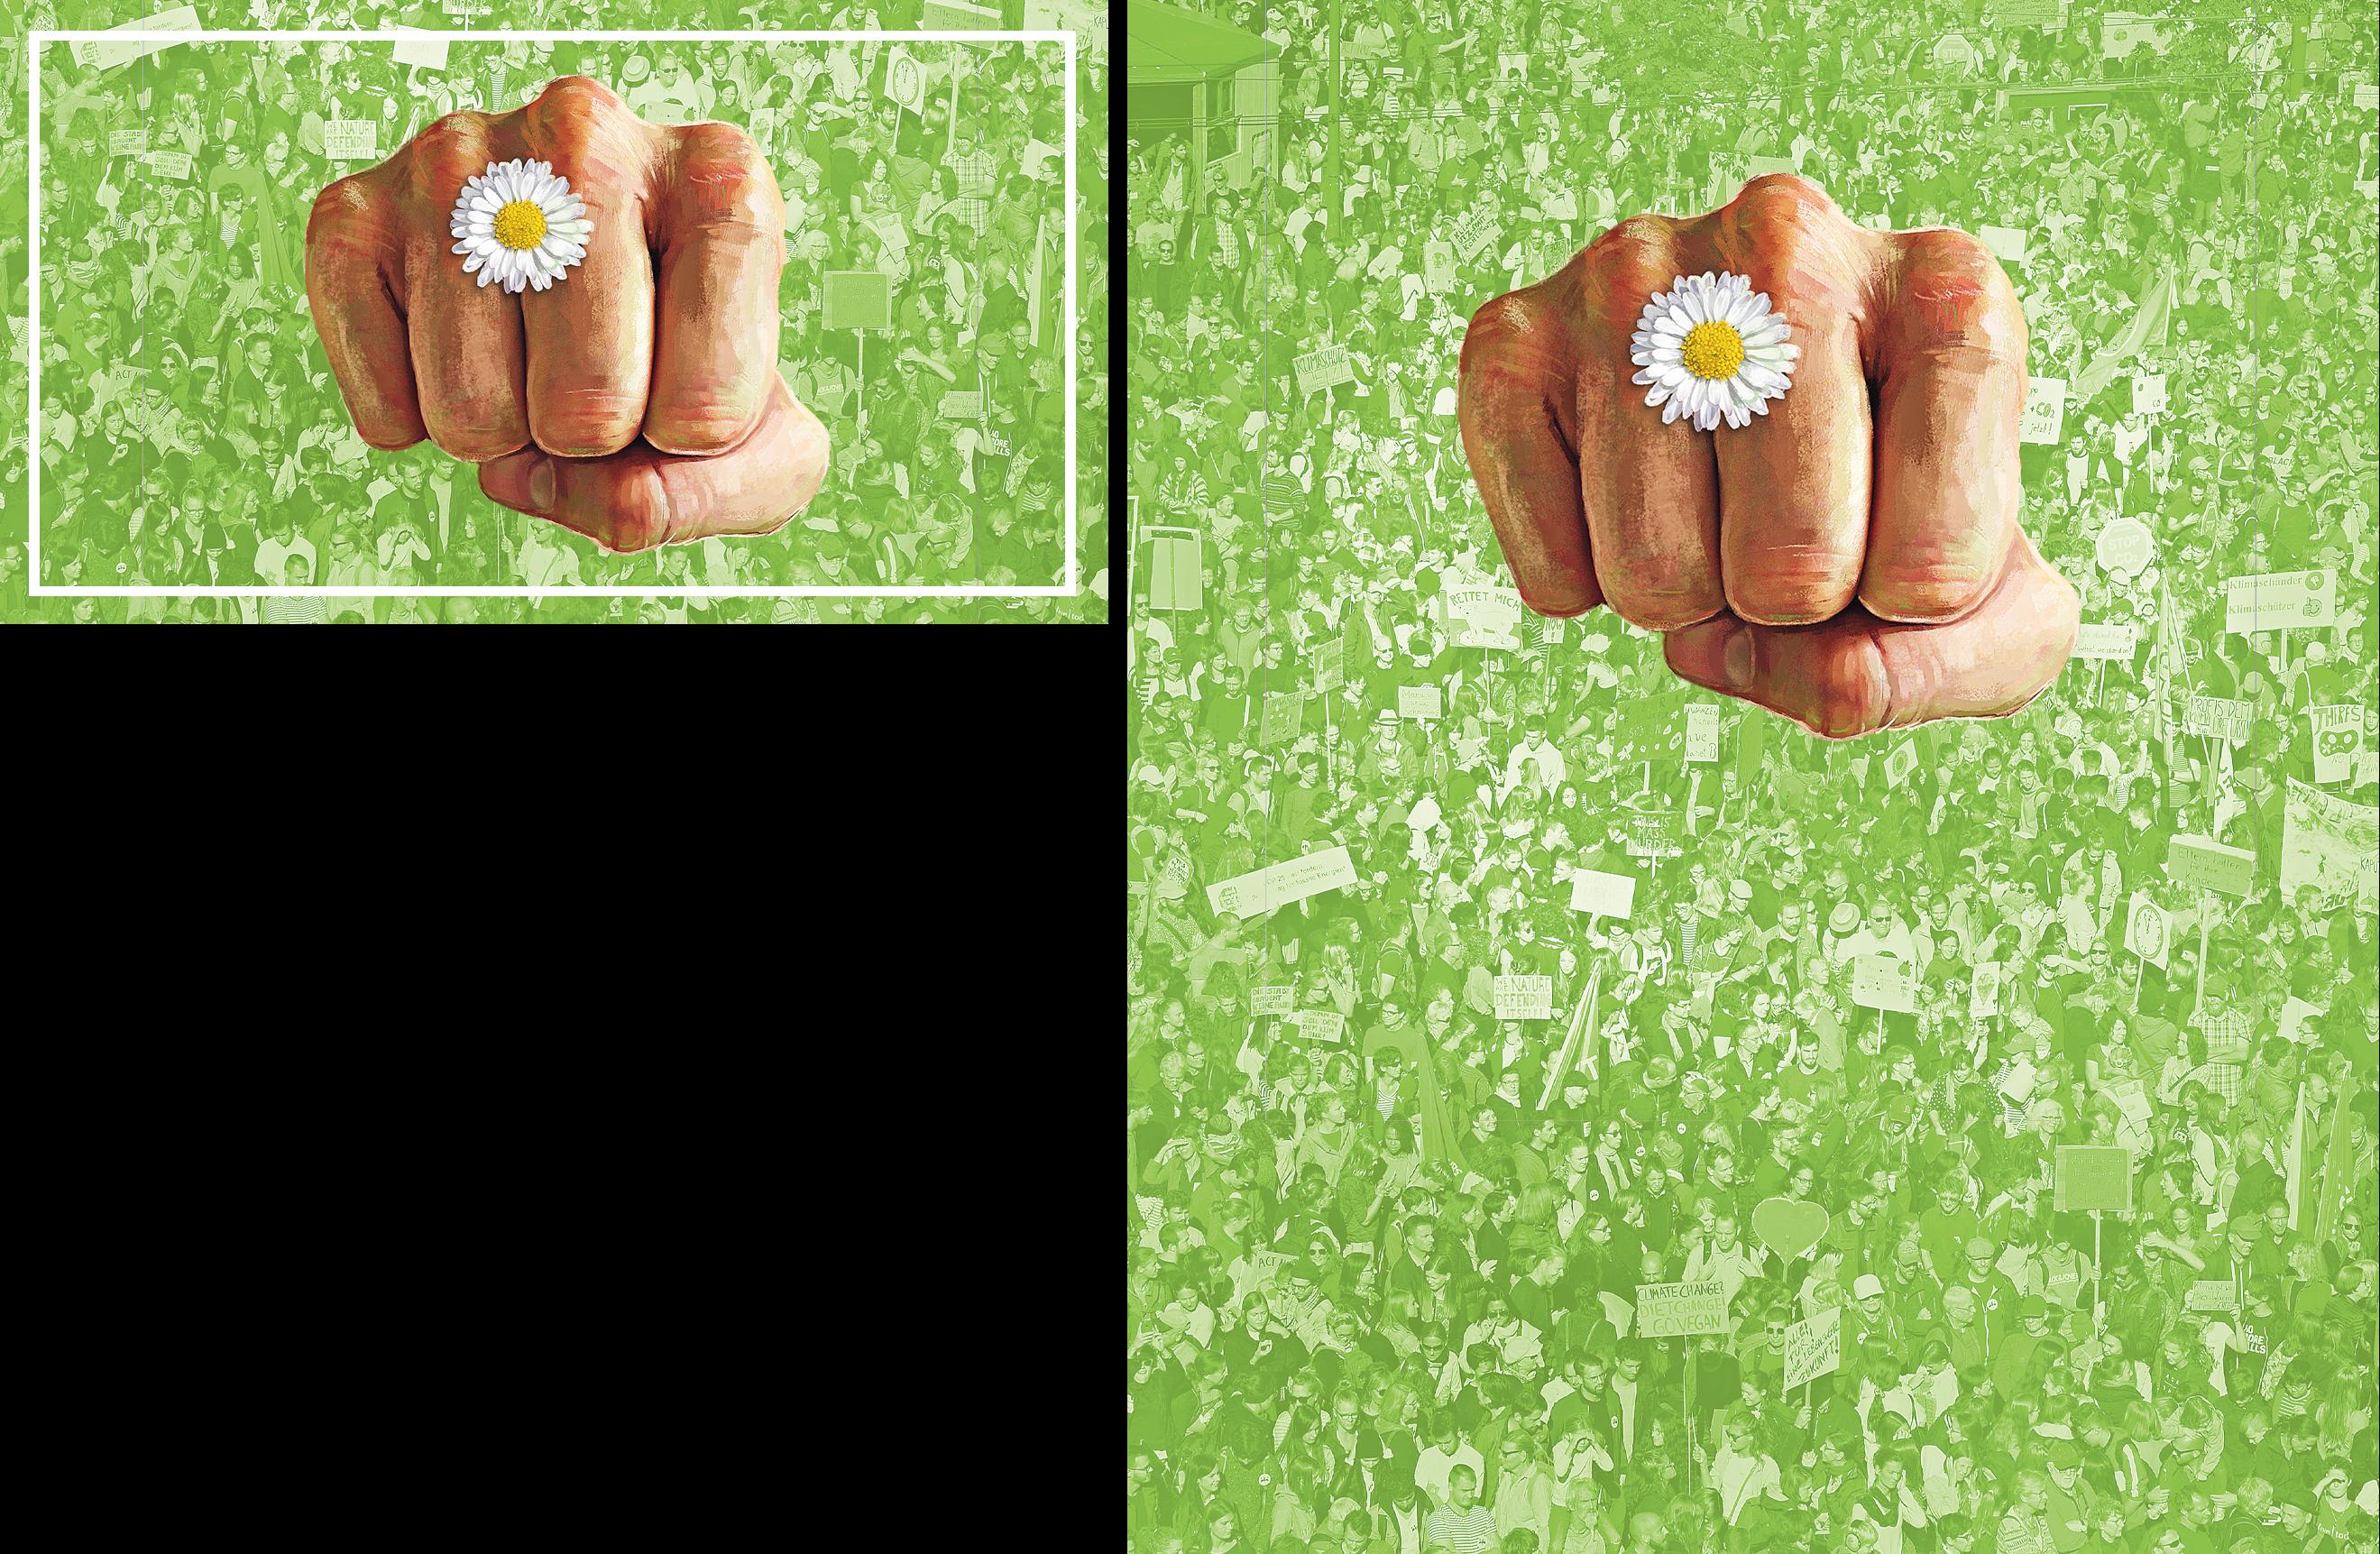 Grüne Lobby: Wie Klimaaktivisten Wirtschaft und Politik verändern